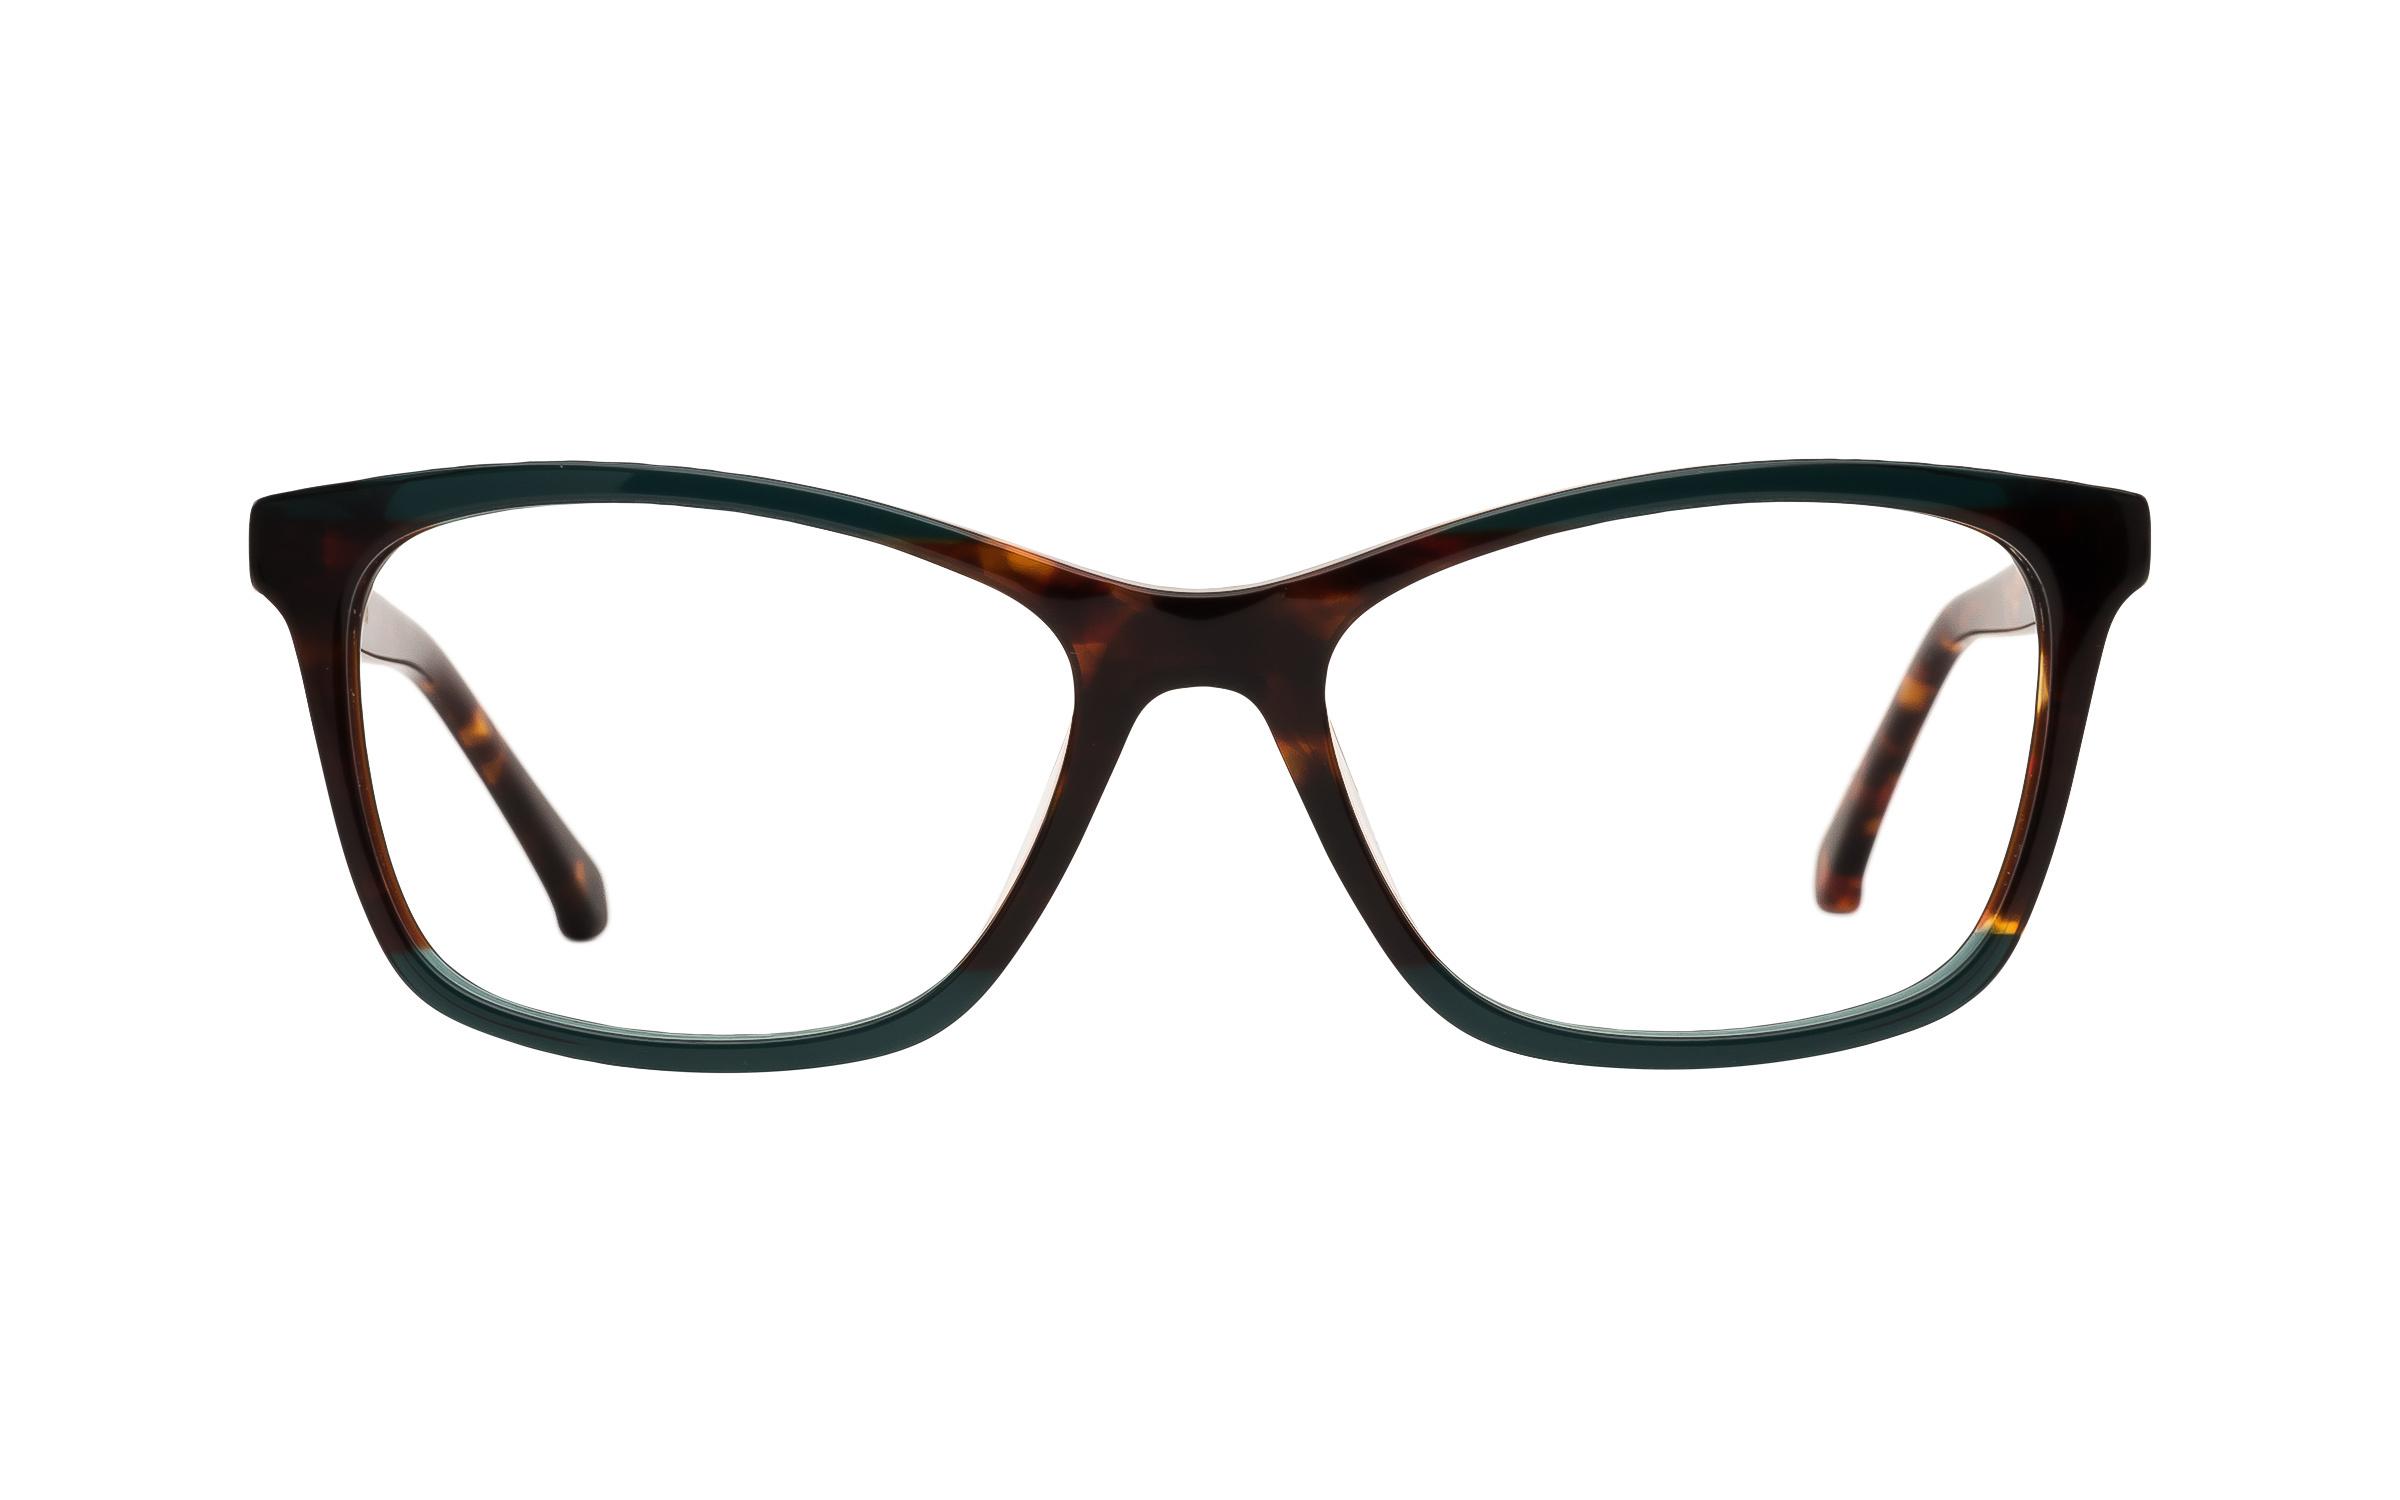 Kam Dhillon Women's Glasses D-Frame Green/Tortoise Acetate Online Coastal